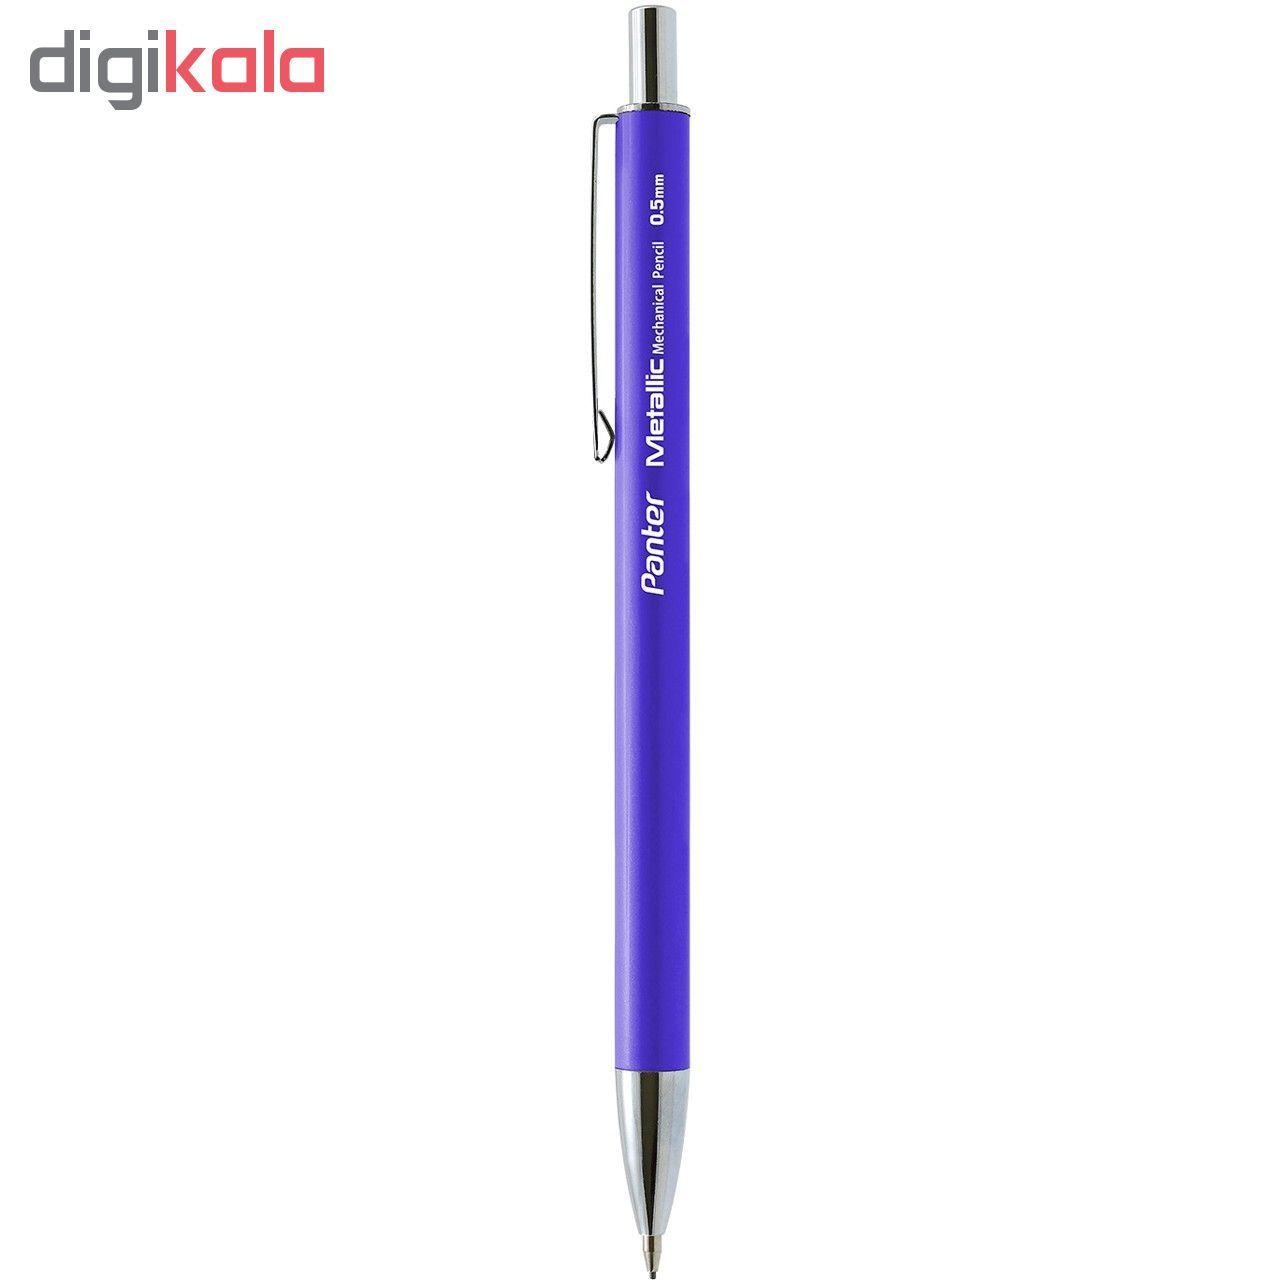 مداد نوکی پنتر مدل متالیک قطر نوشتاری  0.5 میلی متر main 1 1